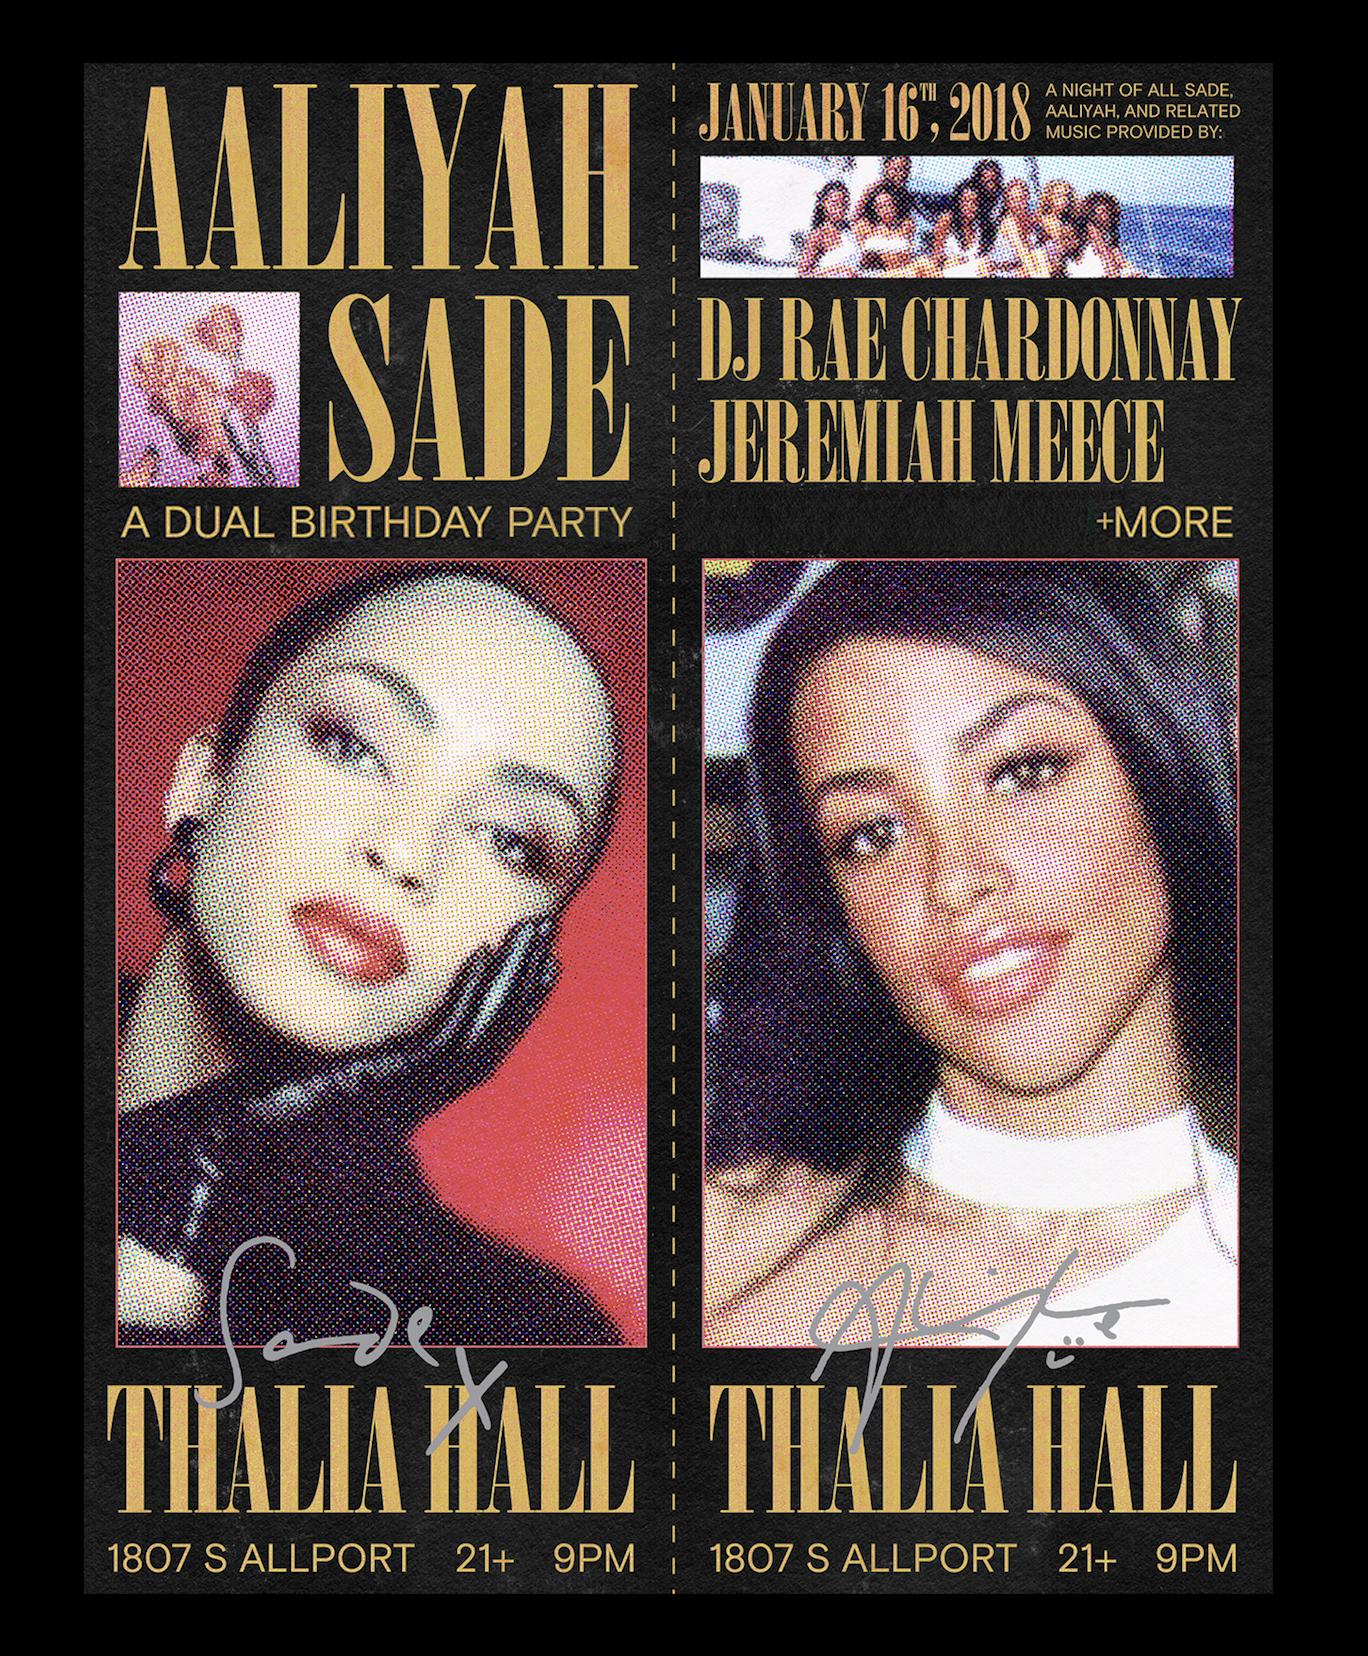 Aaliyah and Sade: A Birthday Party